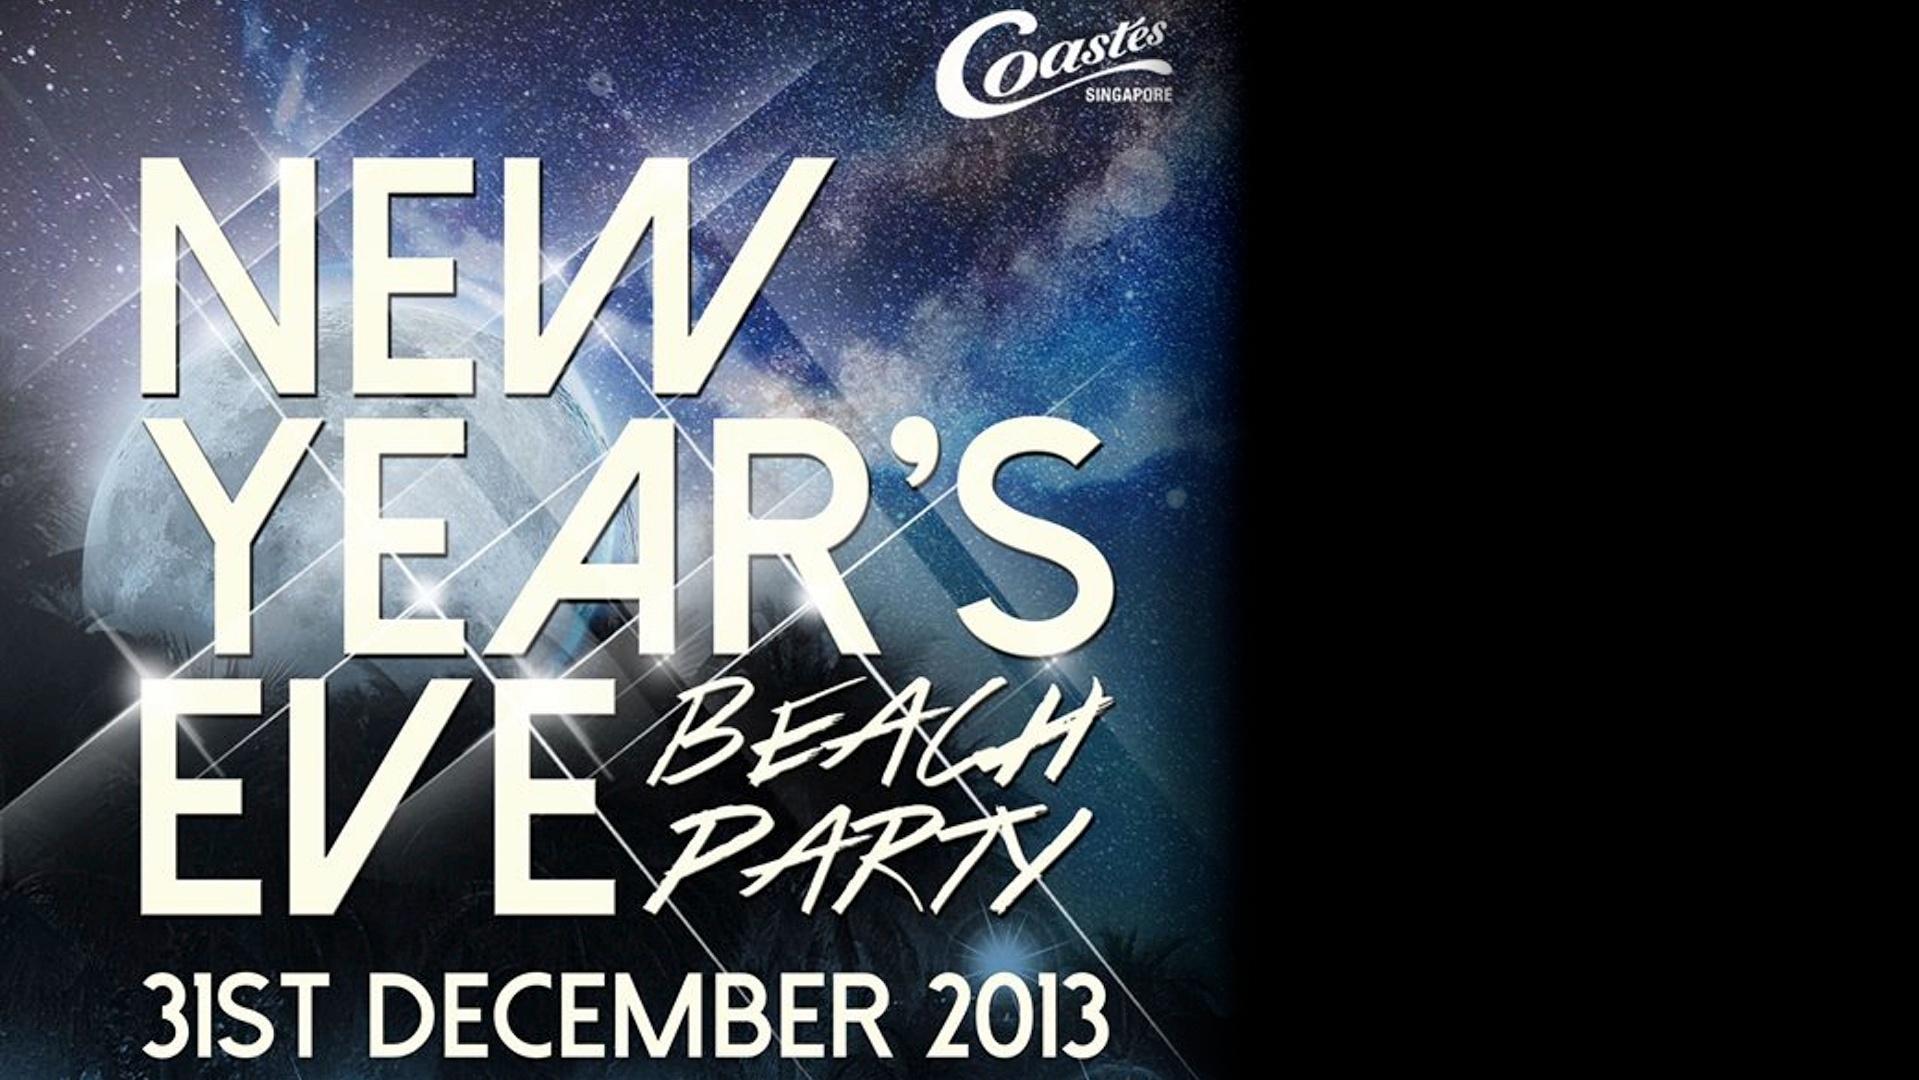 New Year's Eve @ Coastes